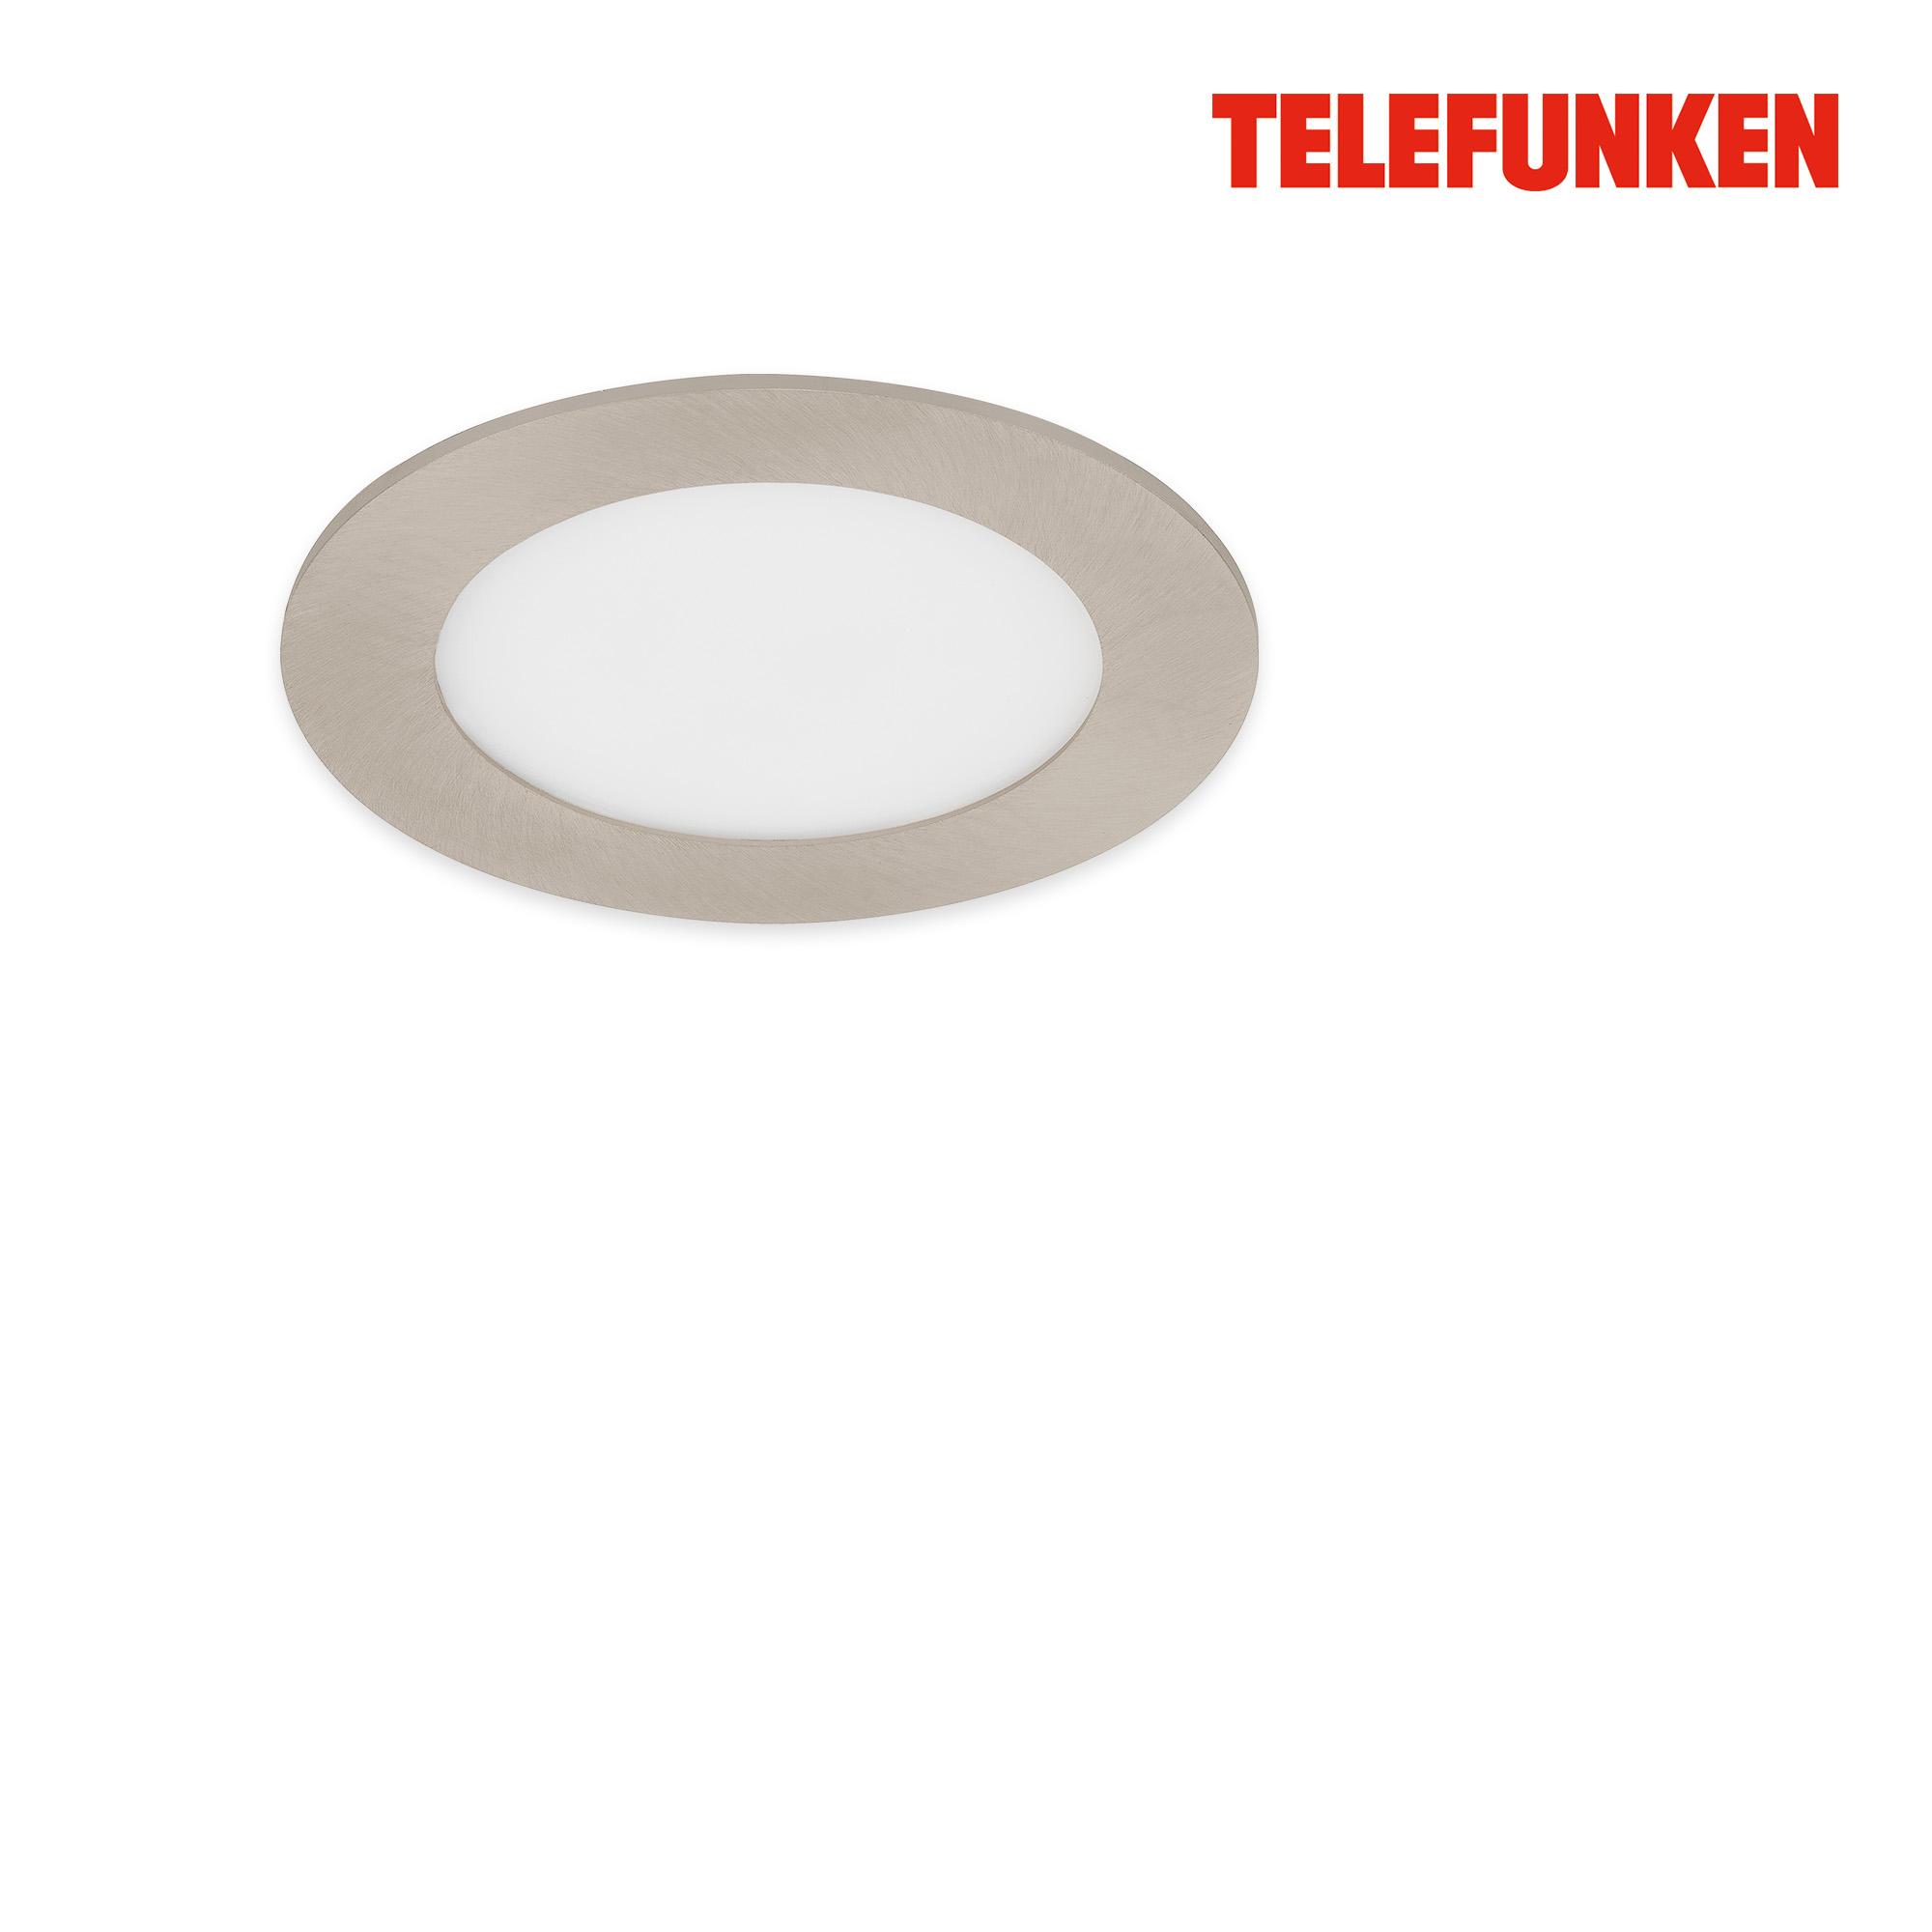 TELEFUNKEN Smart LED Einbauleuchte, Ø 12 cm, 6 W, Matt-Nickel